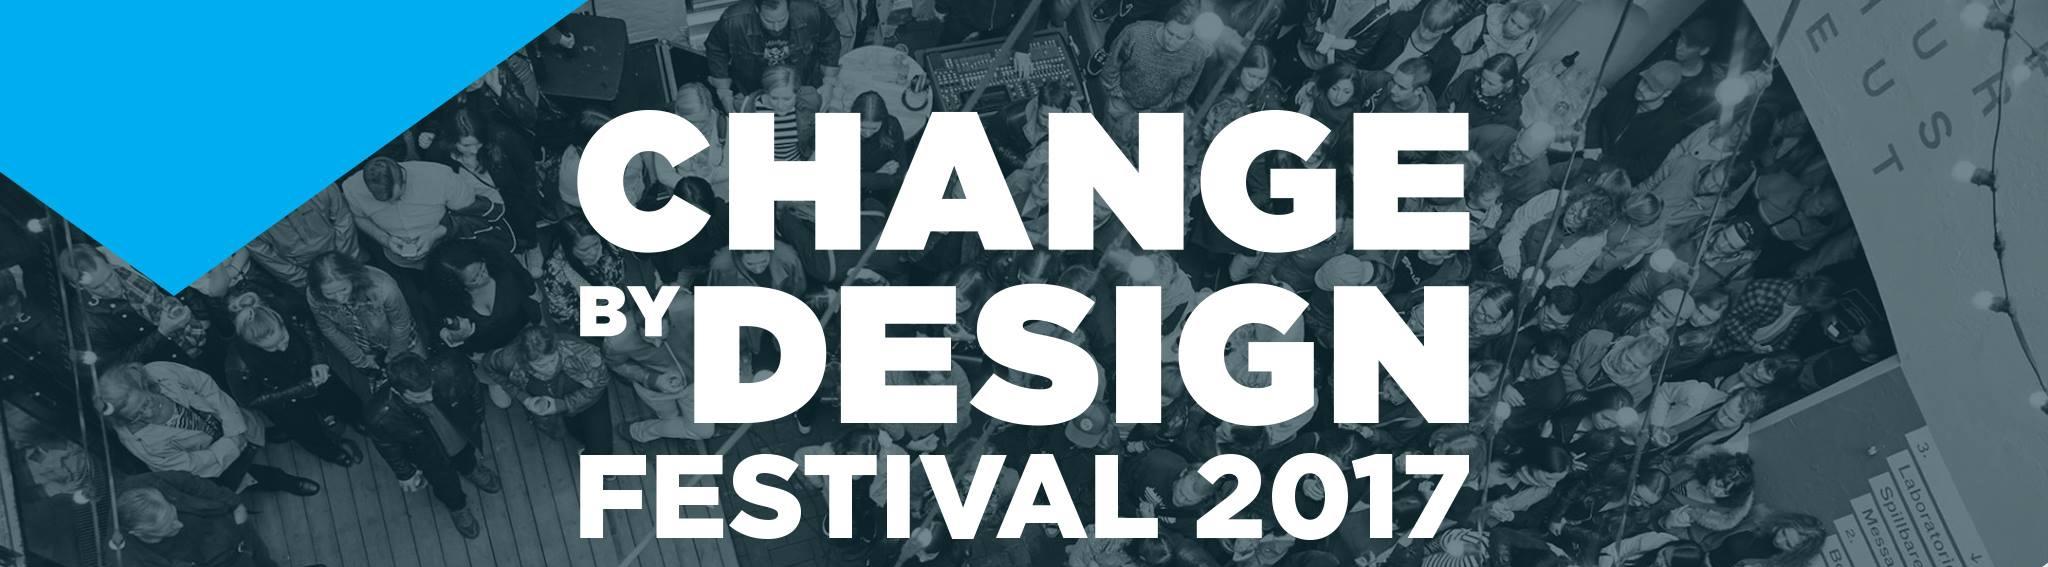 Forsidebilde - Change by Design 2017 - Nye koblinger